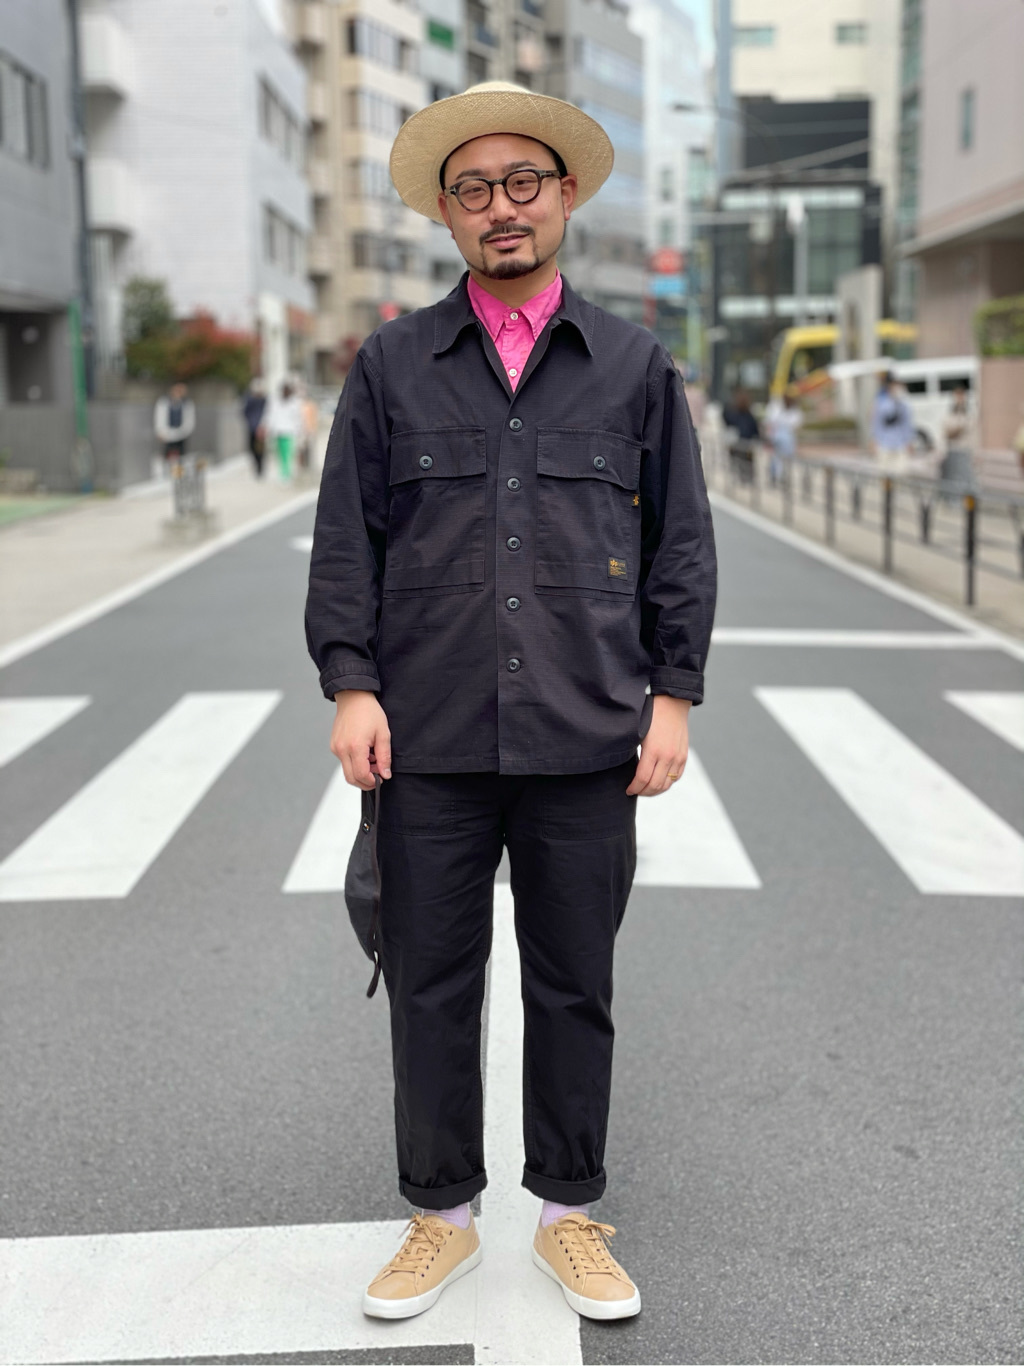 ALPHA SHOP渋谷店のKataoka.RさんのALPHAのミリタリーオーバーシャツを使ったコーディネート